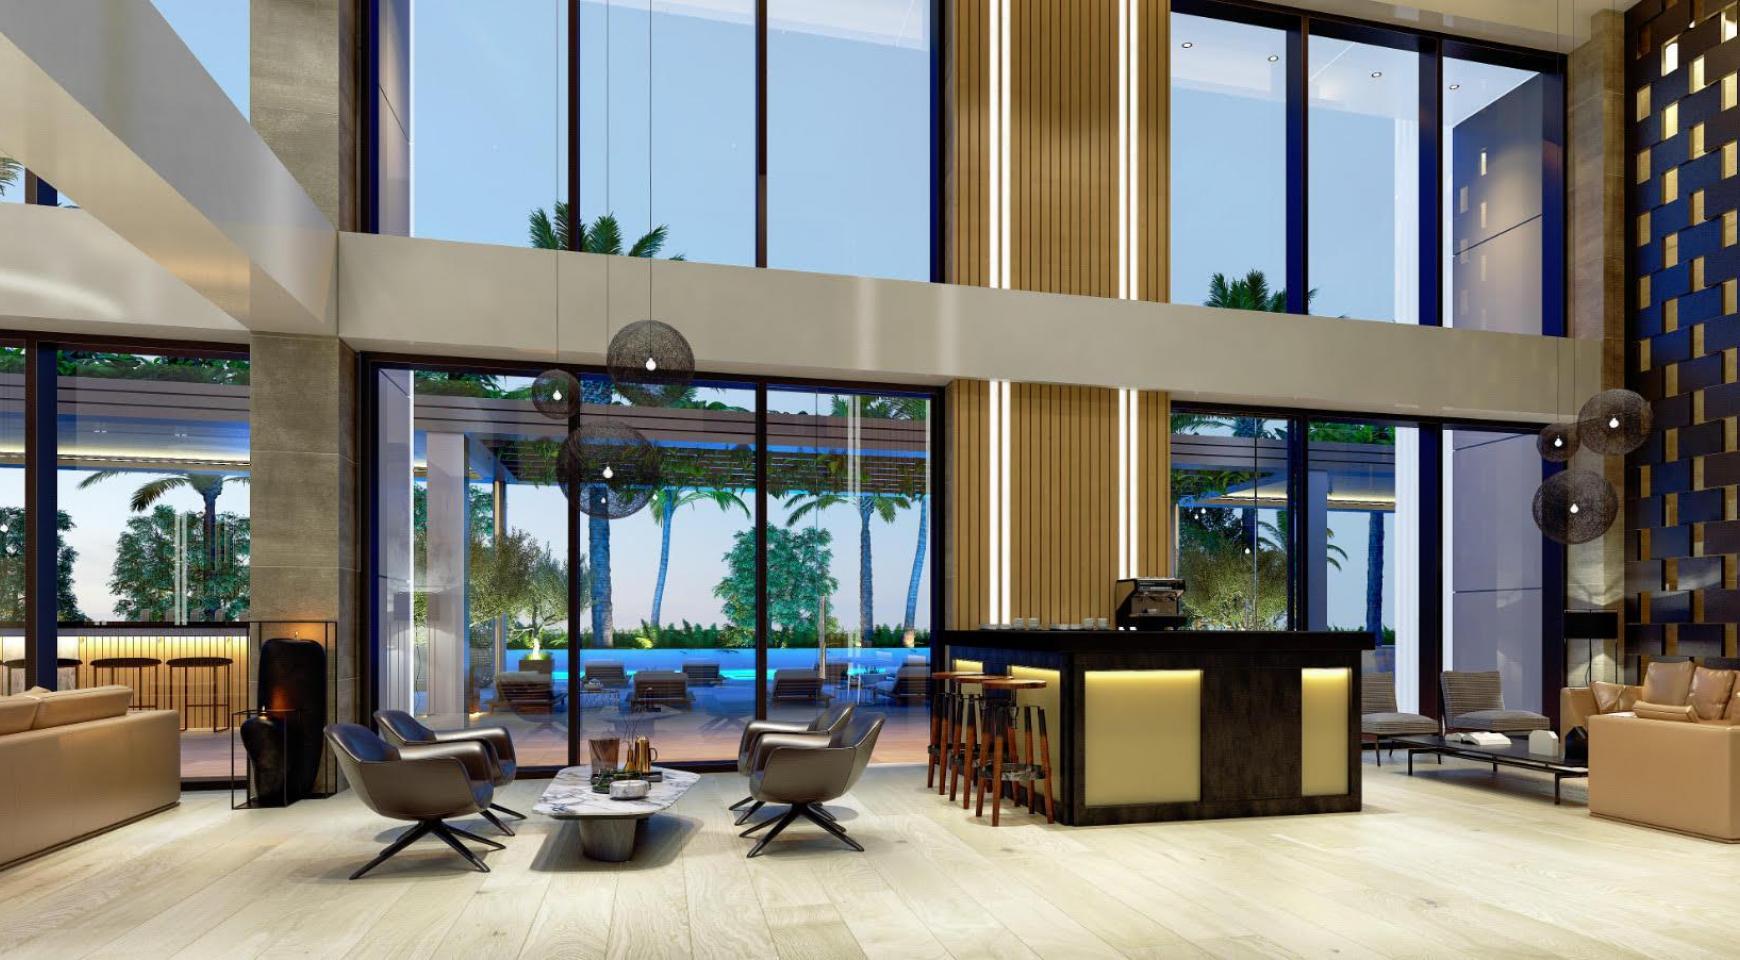 Современная 3-Спасльная Квартира с Видом на Море в Элитном Комплексе - 11